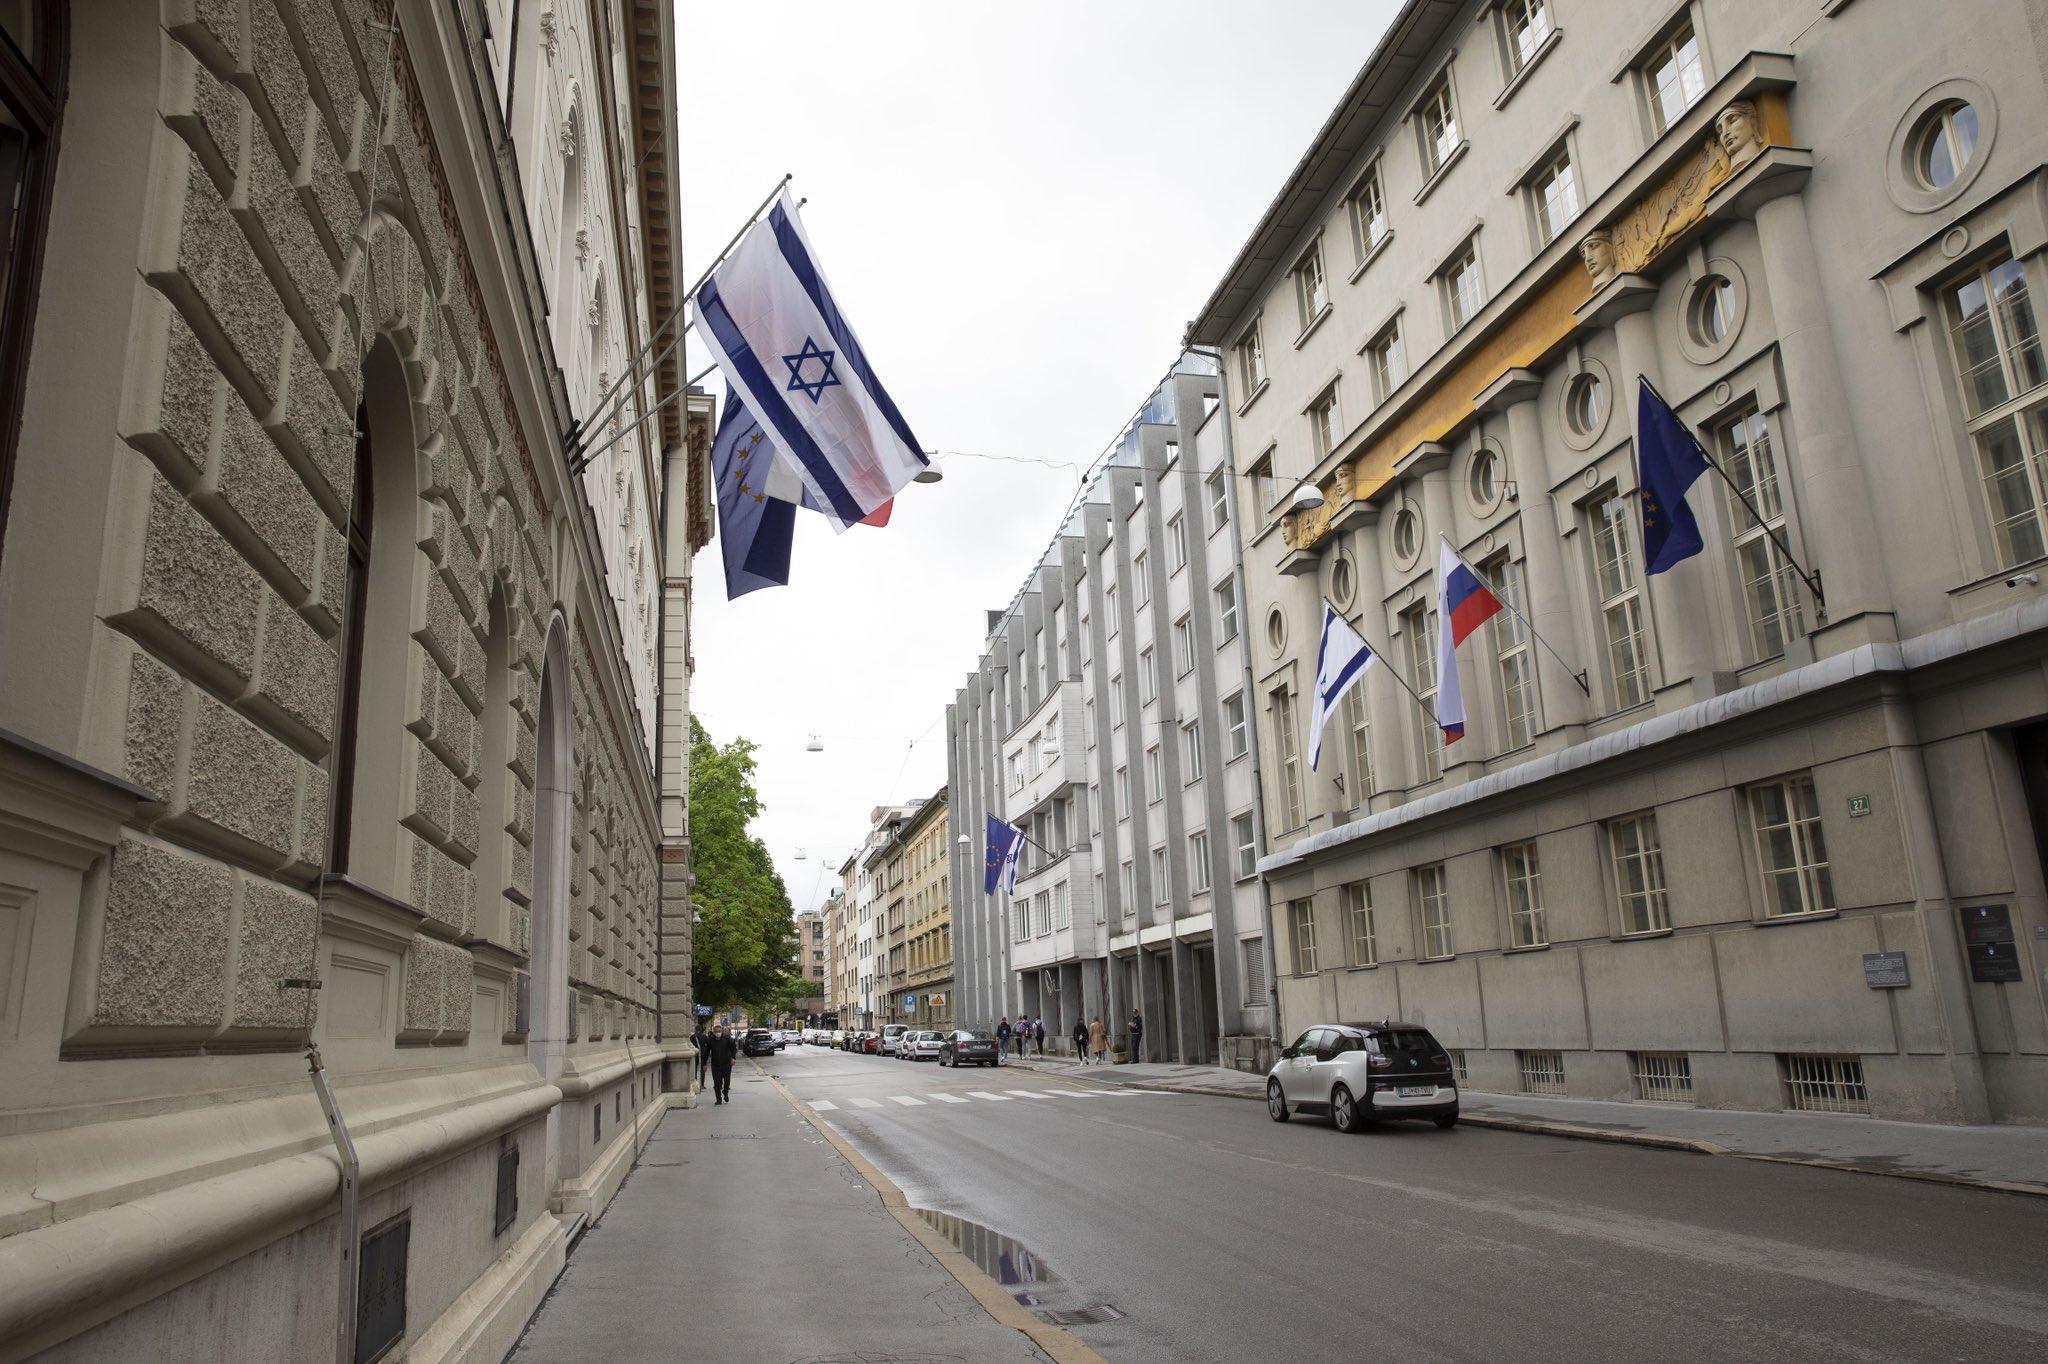 Slovenija: Protesti muslimanske zajednice protiv izraelske zastave na zgradi vlade